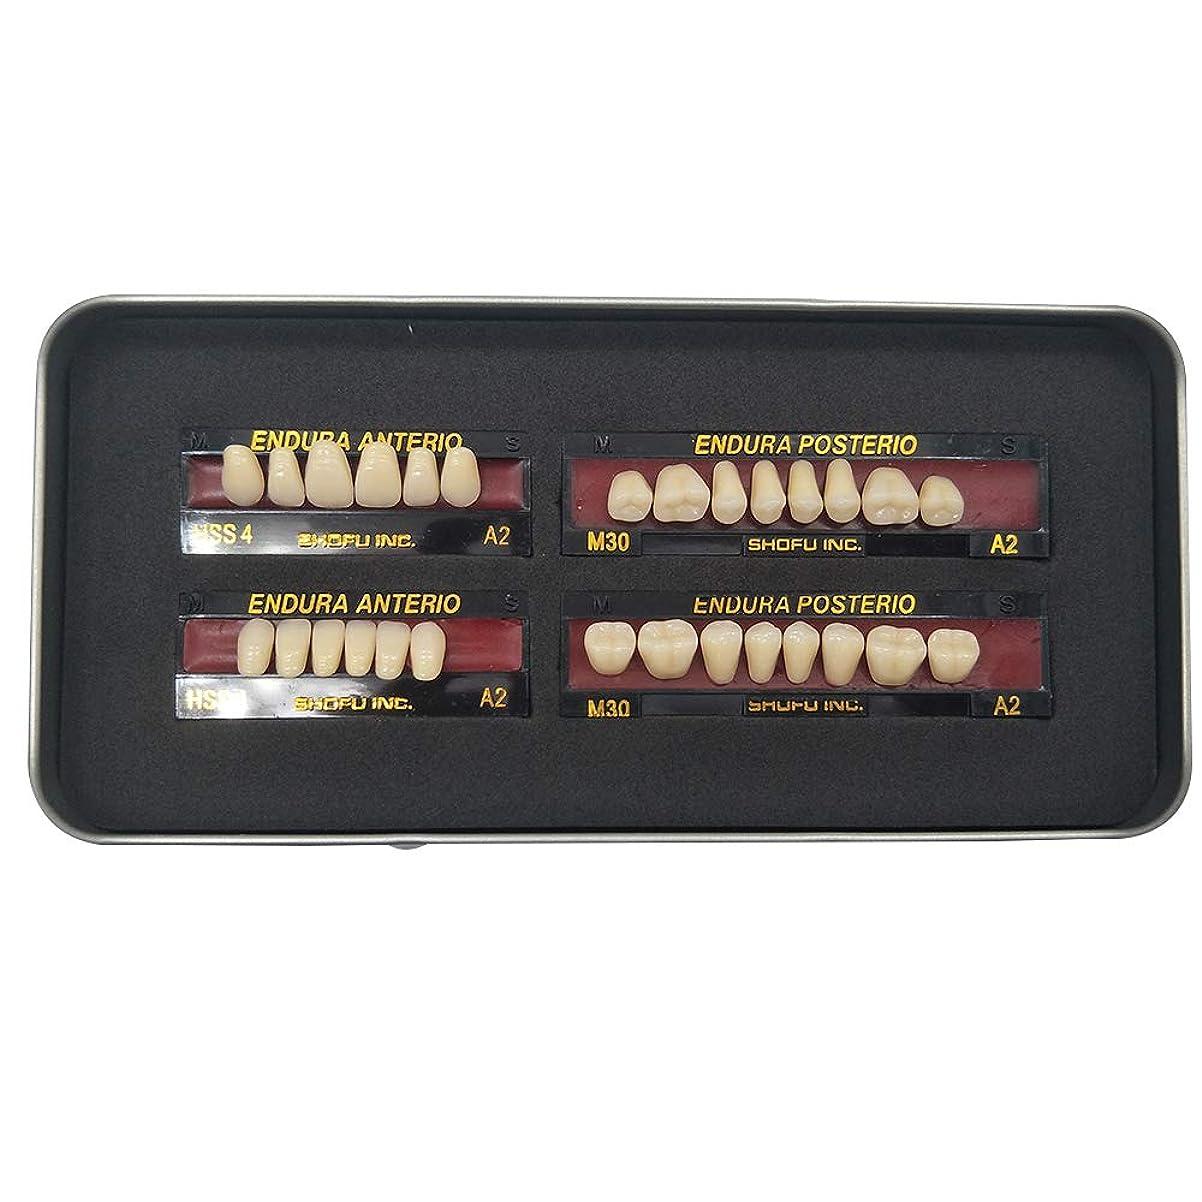 コウモリ線任命SHINAHUATONG 1ボックス/セット歯科用 義歯 サイズM30 カラーA2 28枚/セット